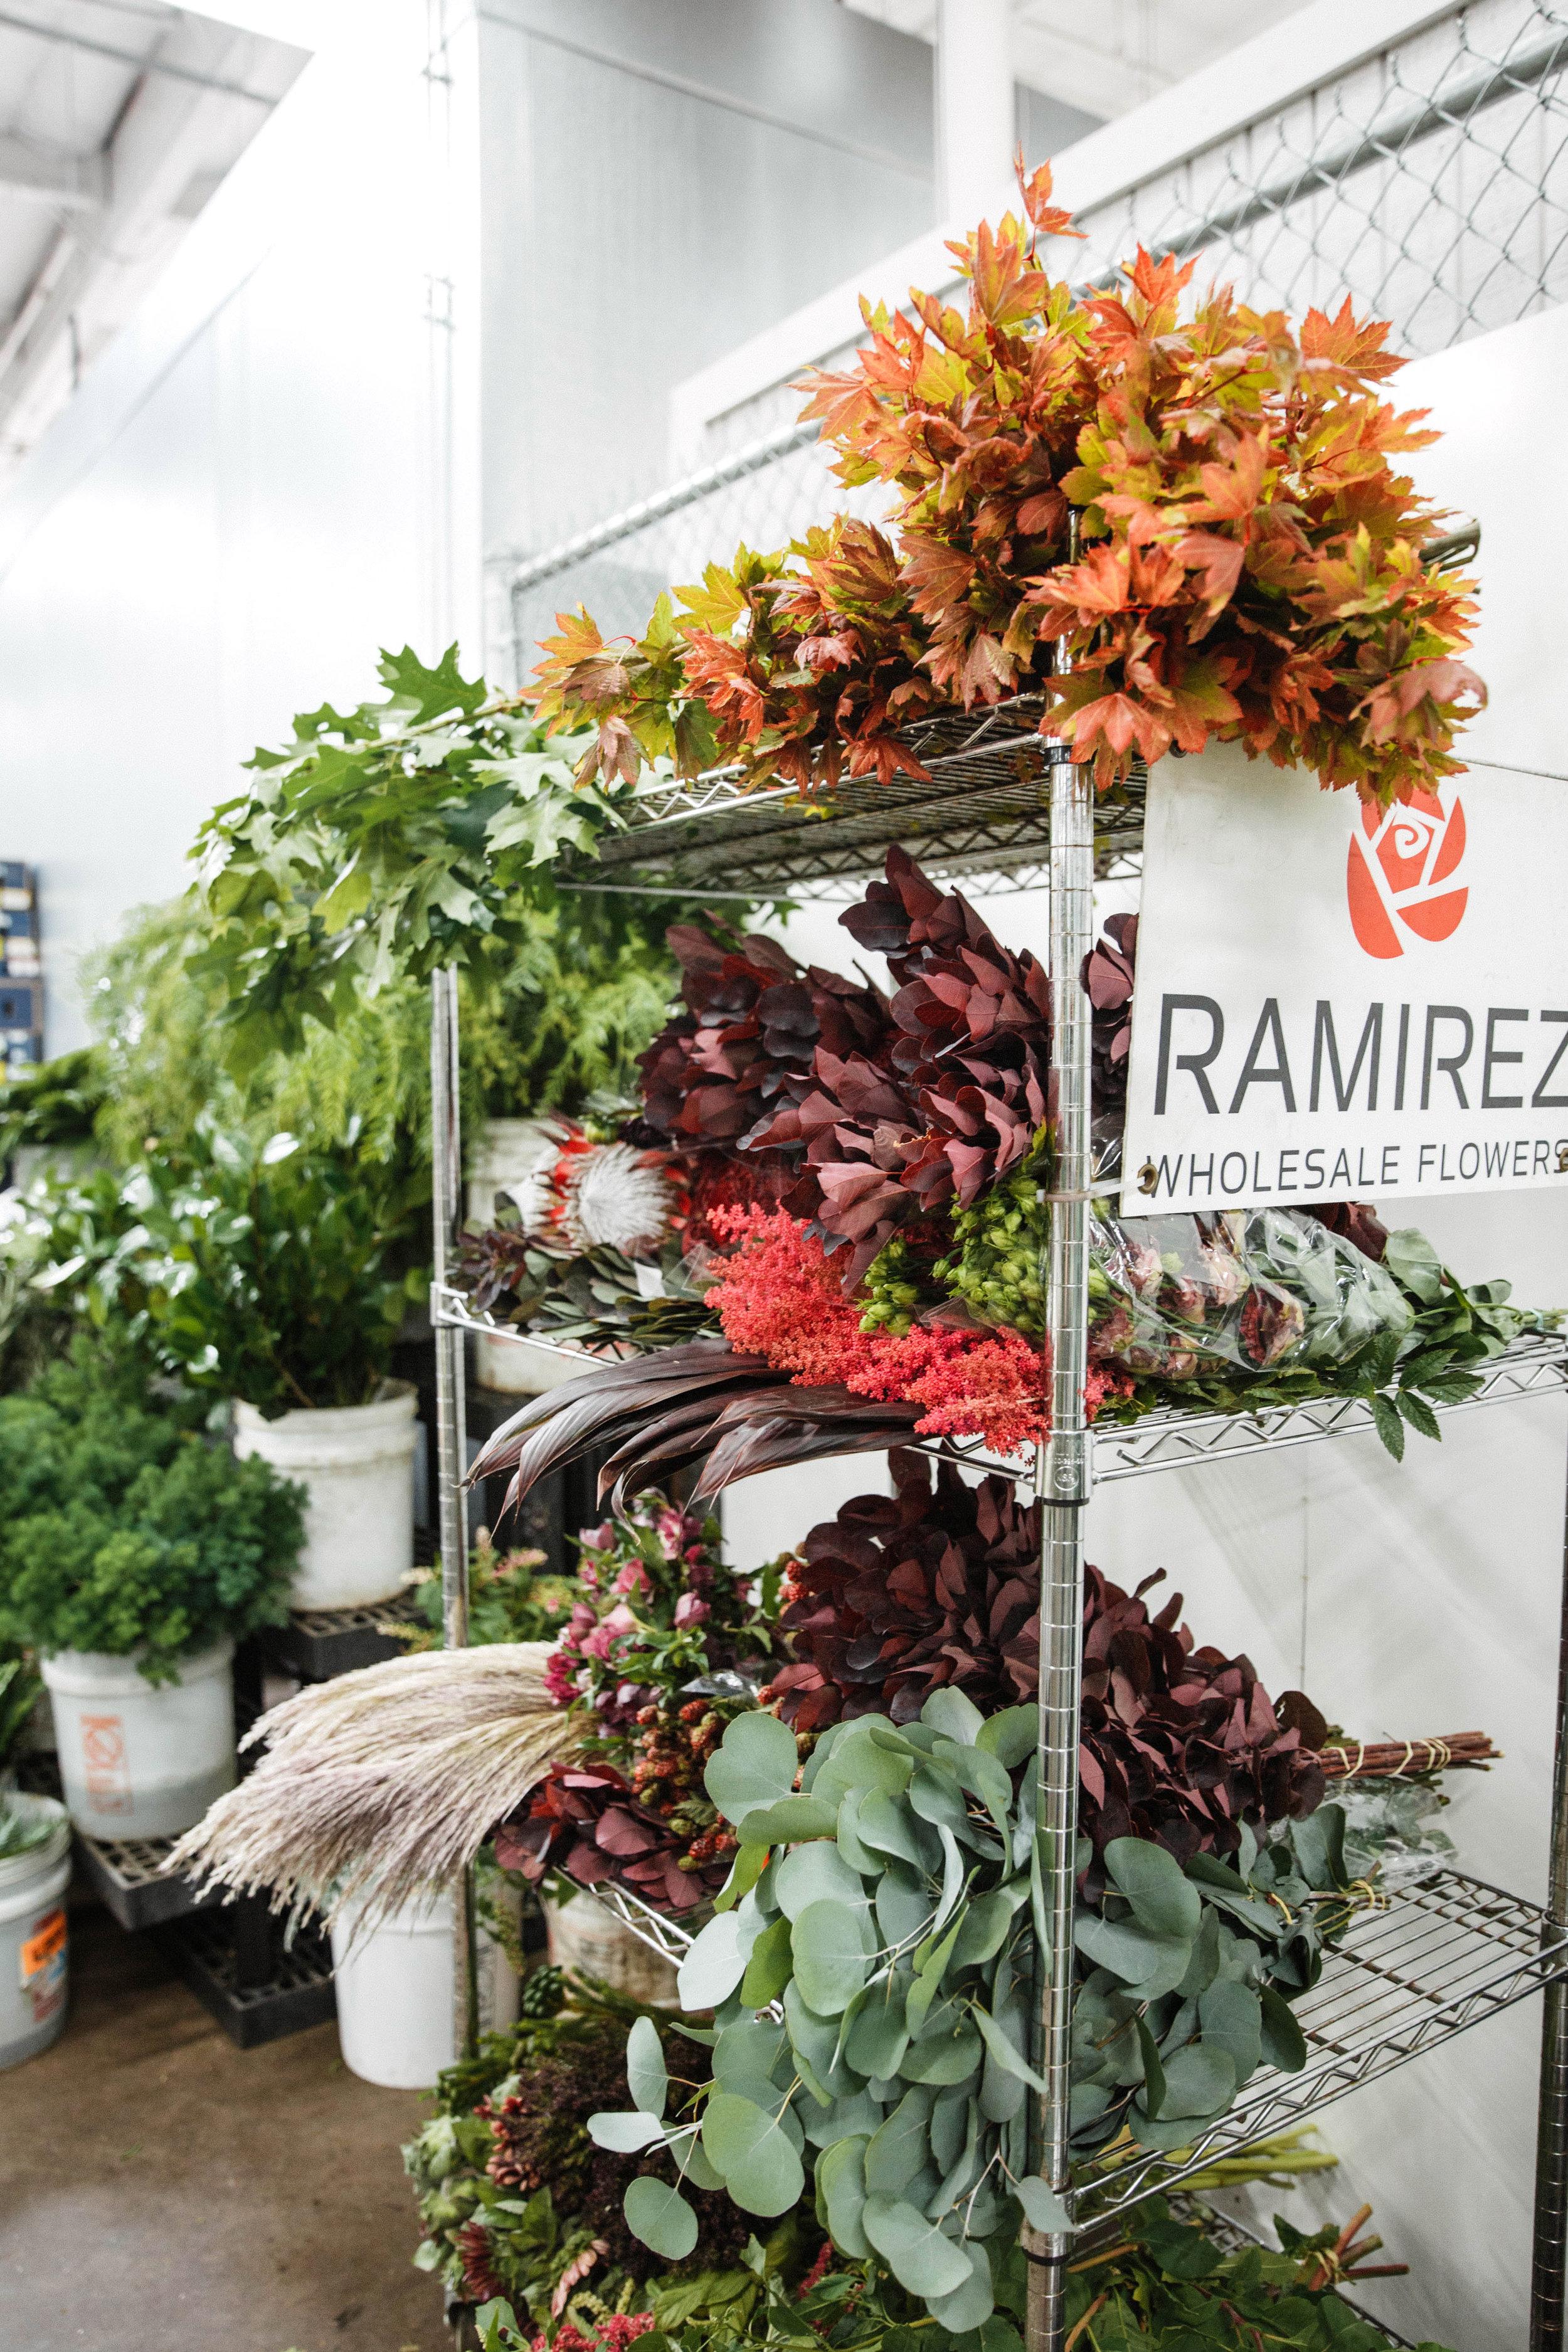 Ramirez-Wholesale-Flowers-San-Diego.jpg